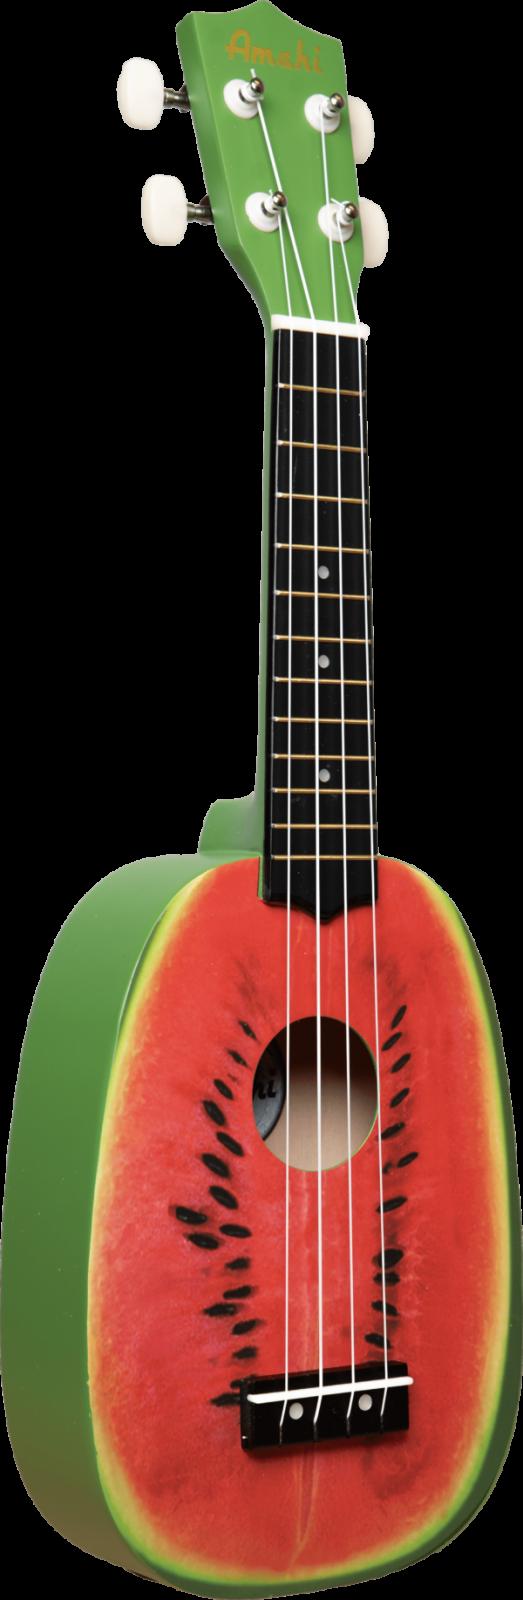 Amahi DDUK16 Watermelon Soprano Ukulele w/ Cloth Bag